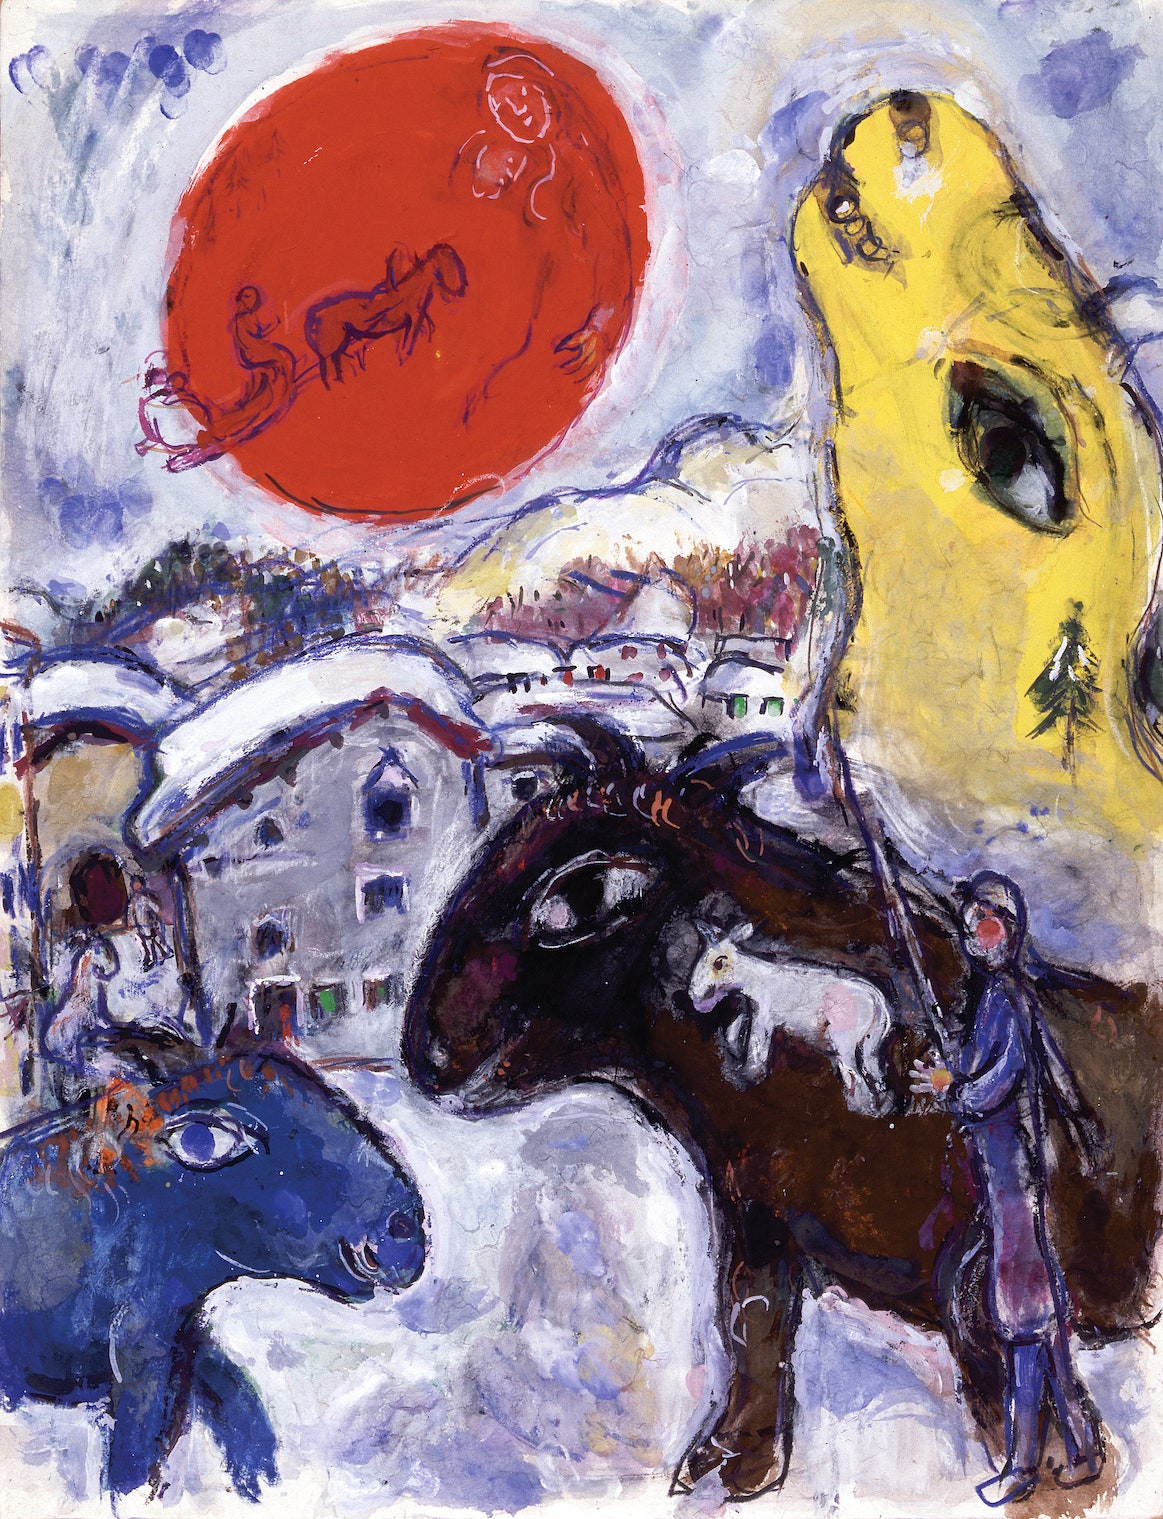 . 19611964.    ADAGP Paris 2019 Chagall